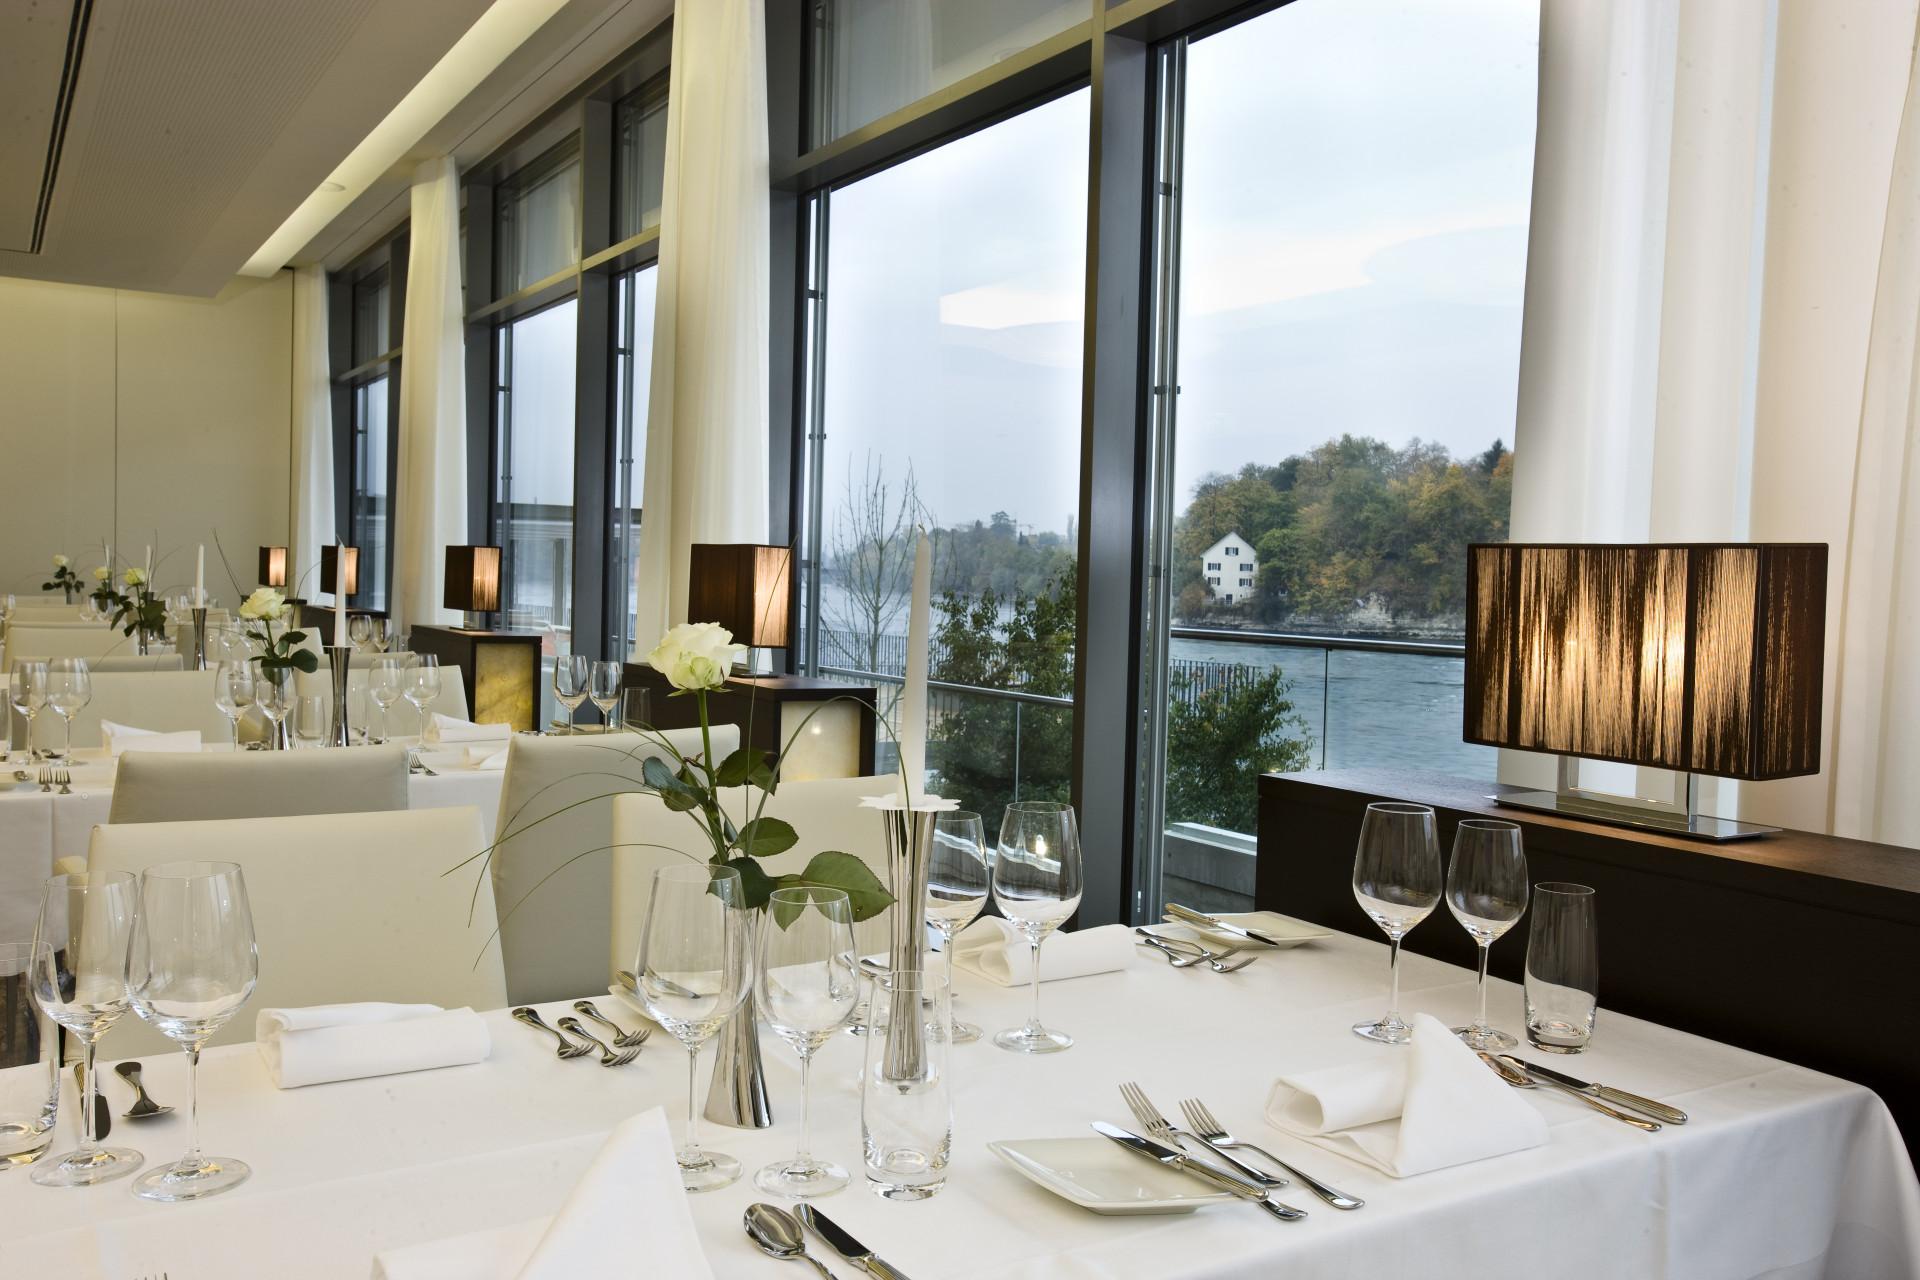 Gedeckter Tisch im Restaurant Bellerive am Fenster mit Blick auf den Rhein